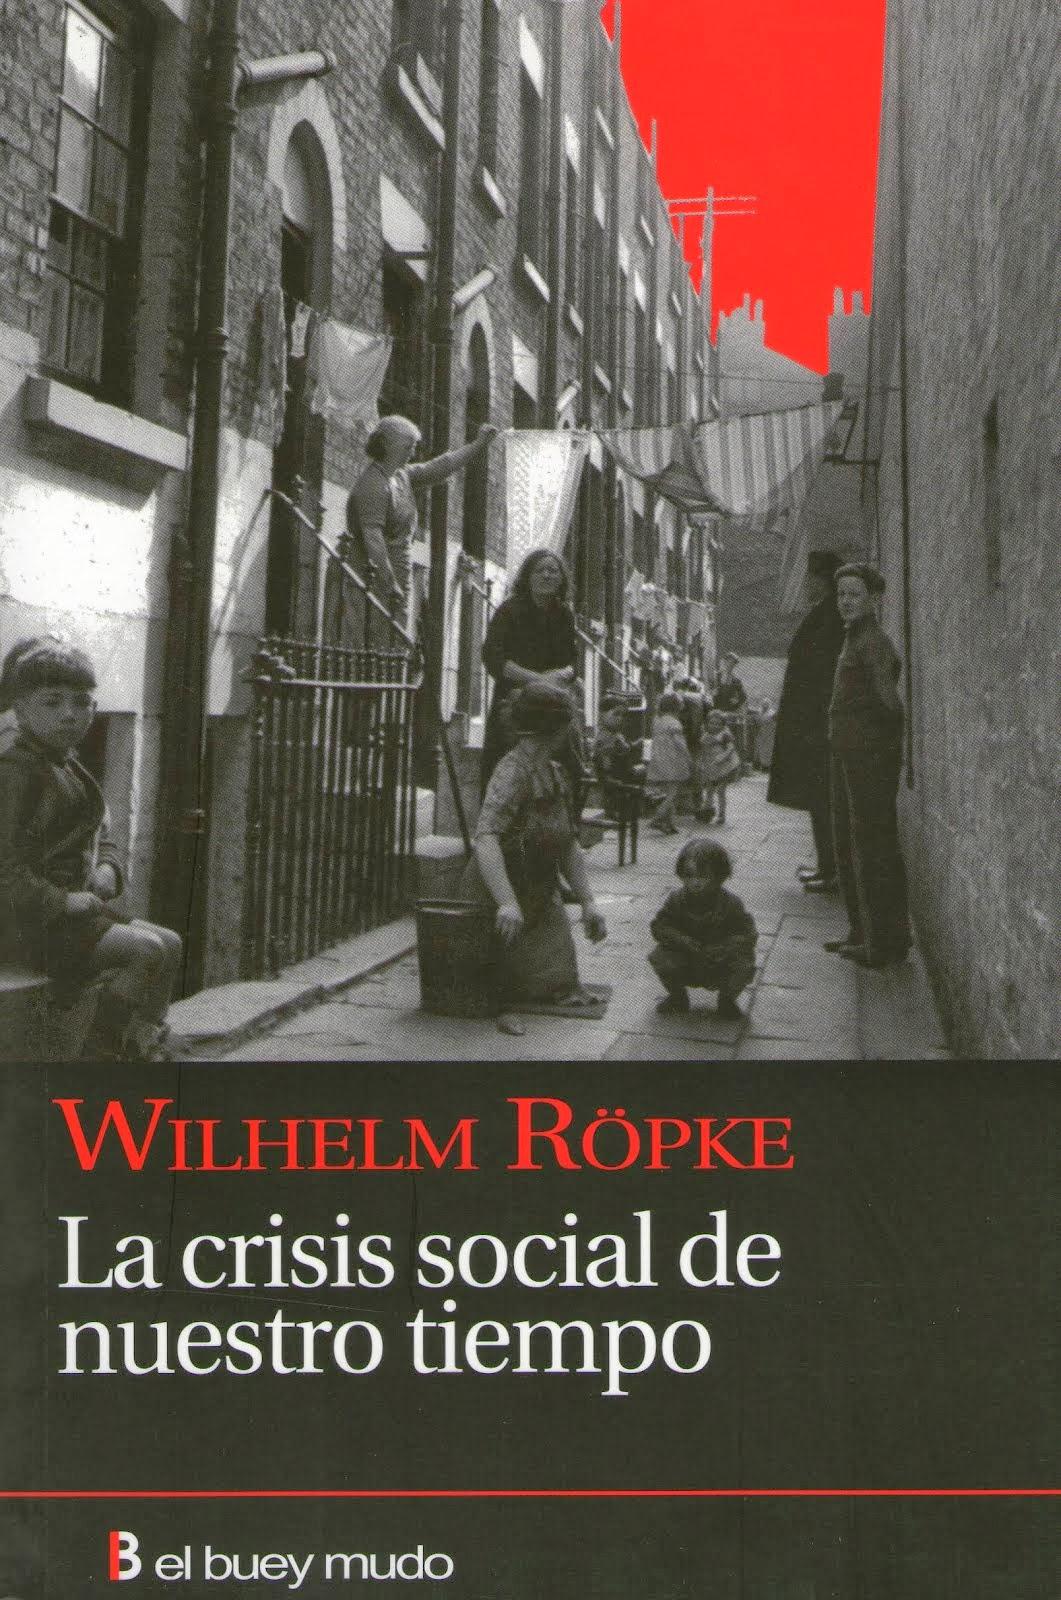 Edición de W. Röpke